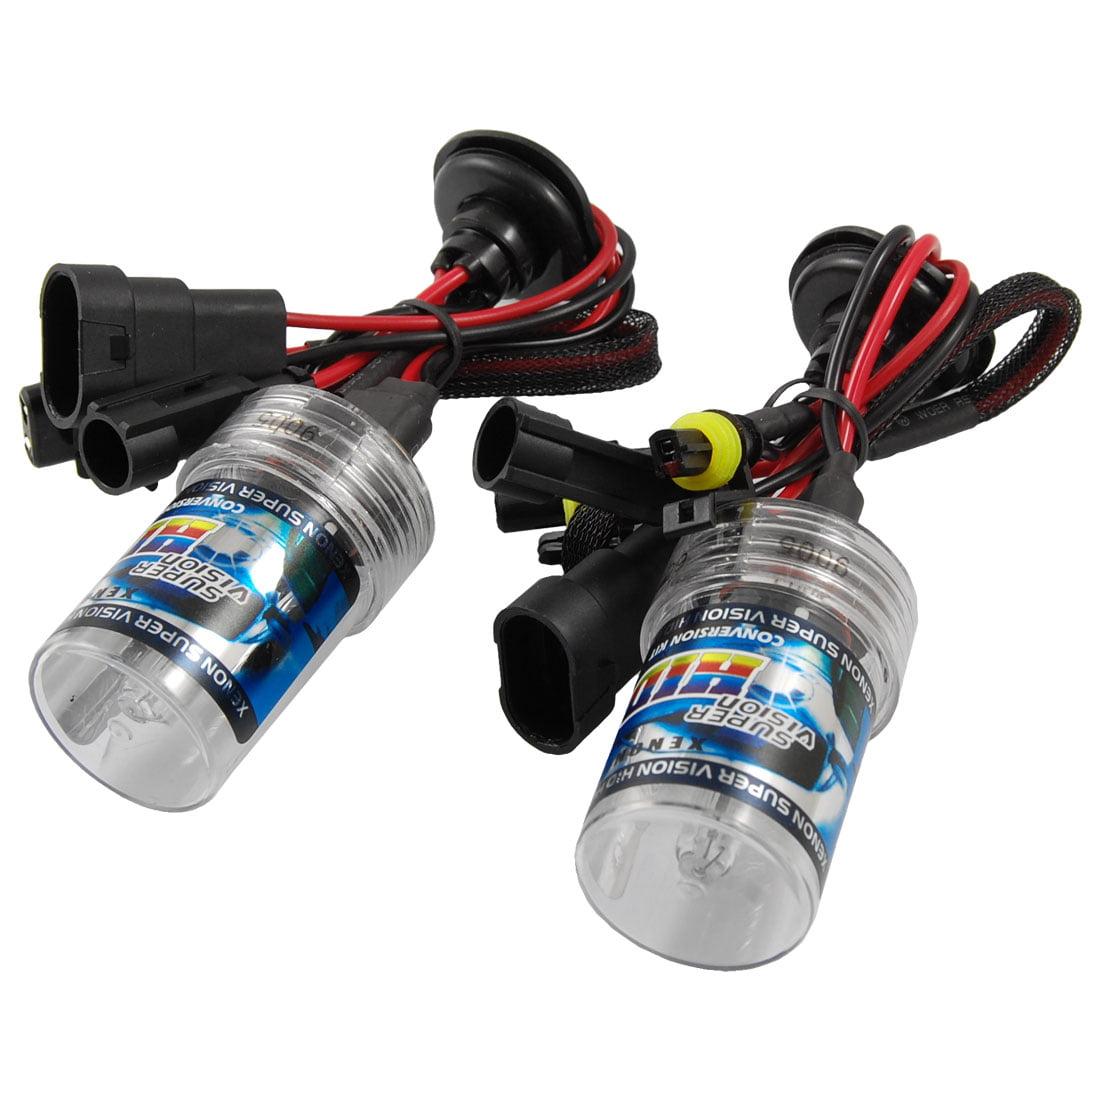 Unique Bargains Unique Bargains Auto Car Headlight 9005 6000K HID Xenon Lamp Black Ballast Kit